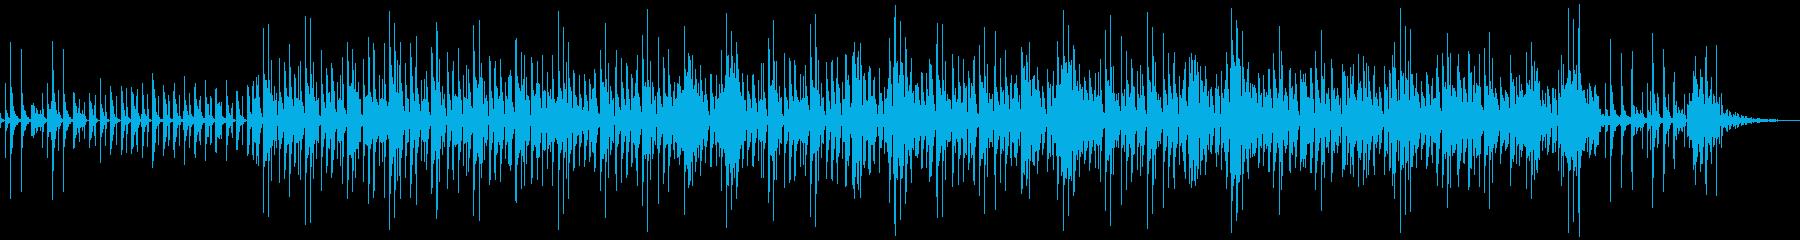 オルガンと民族楽器のトロピカルサウンドの再生済みの波形